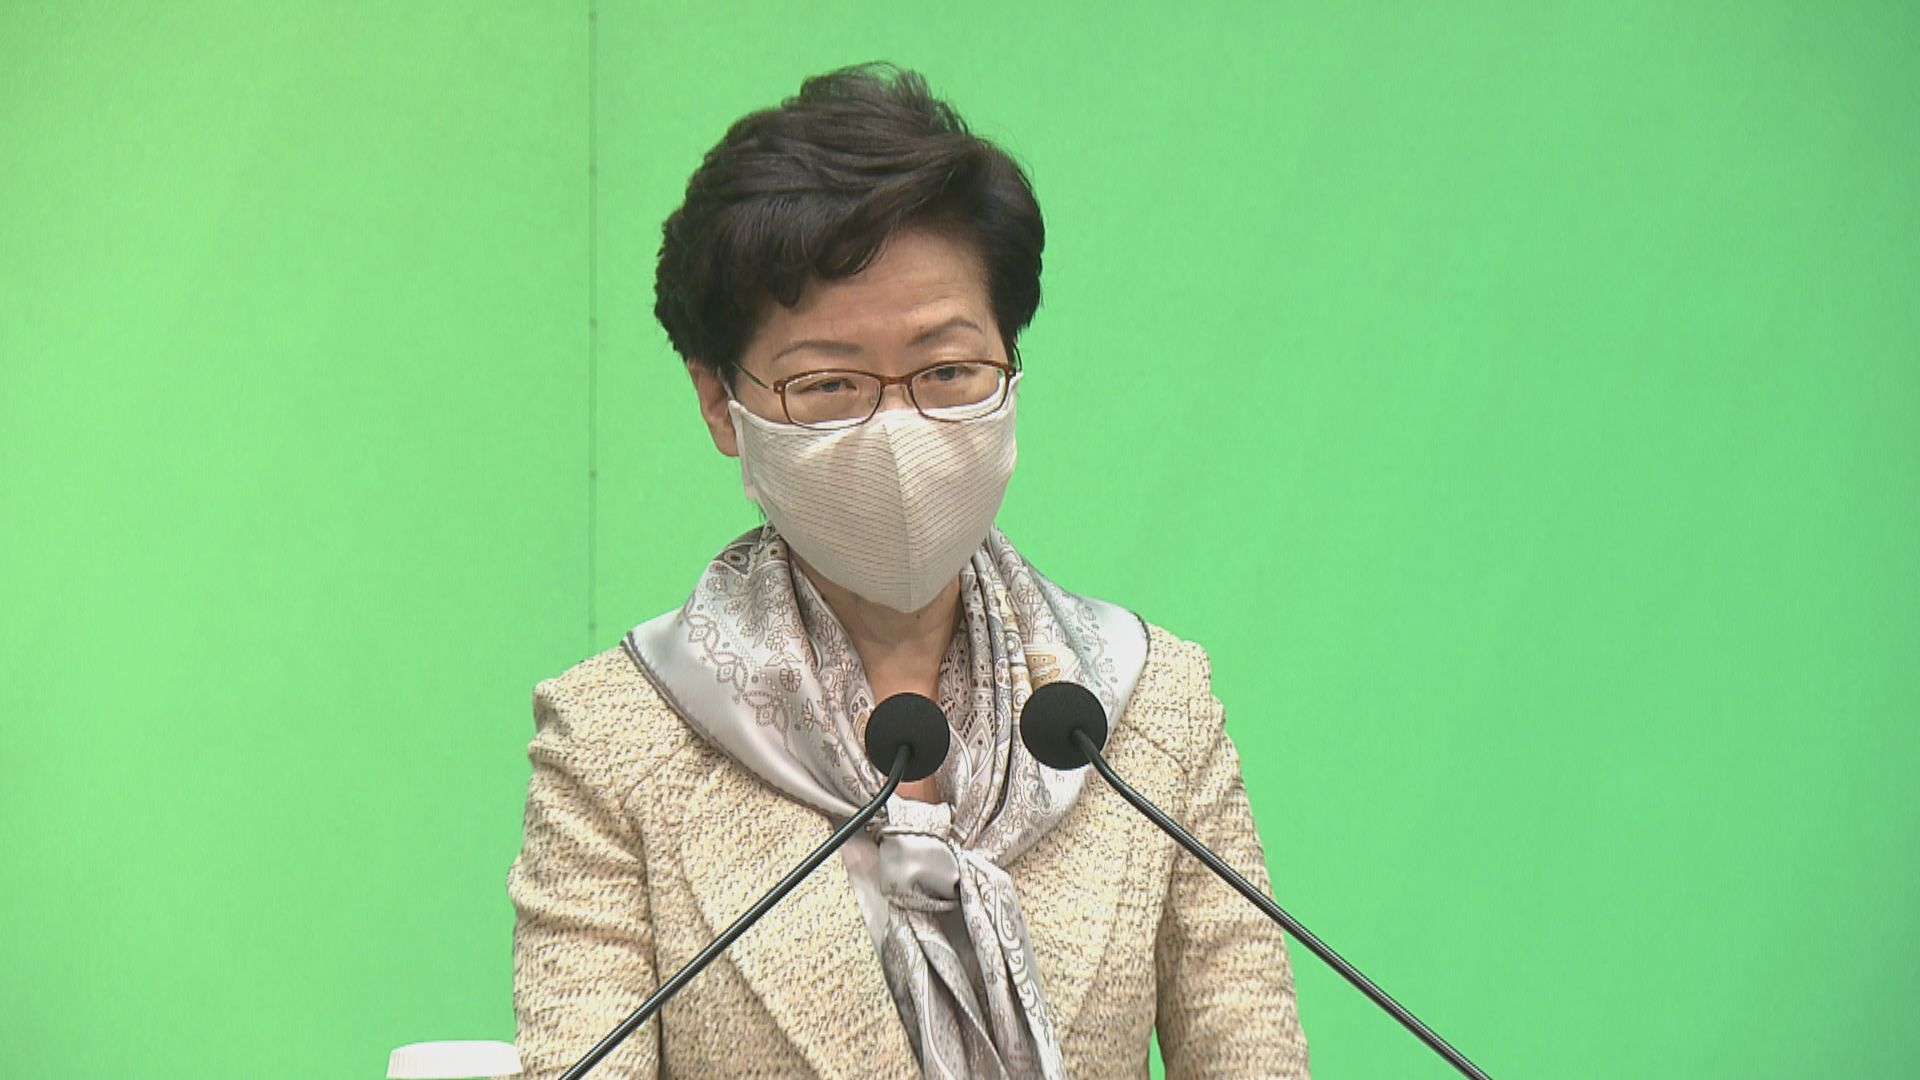 【最新】林鄭月娥:專家同意防疫措施維持現狀 不用改變復課安排